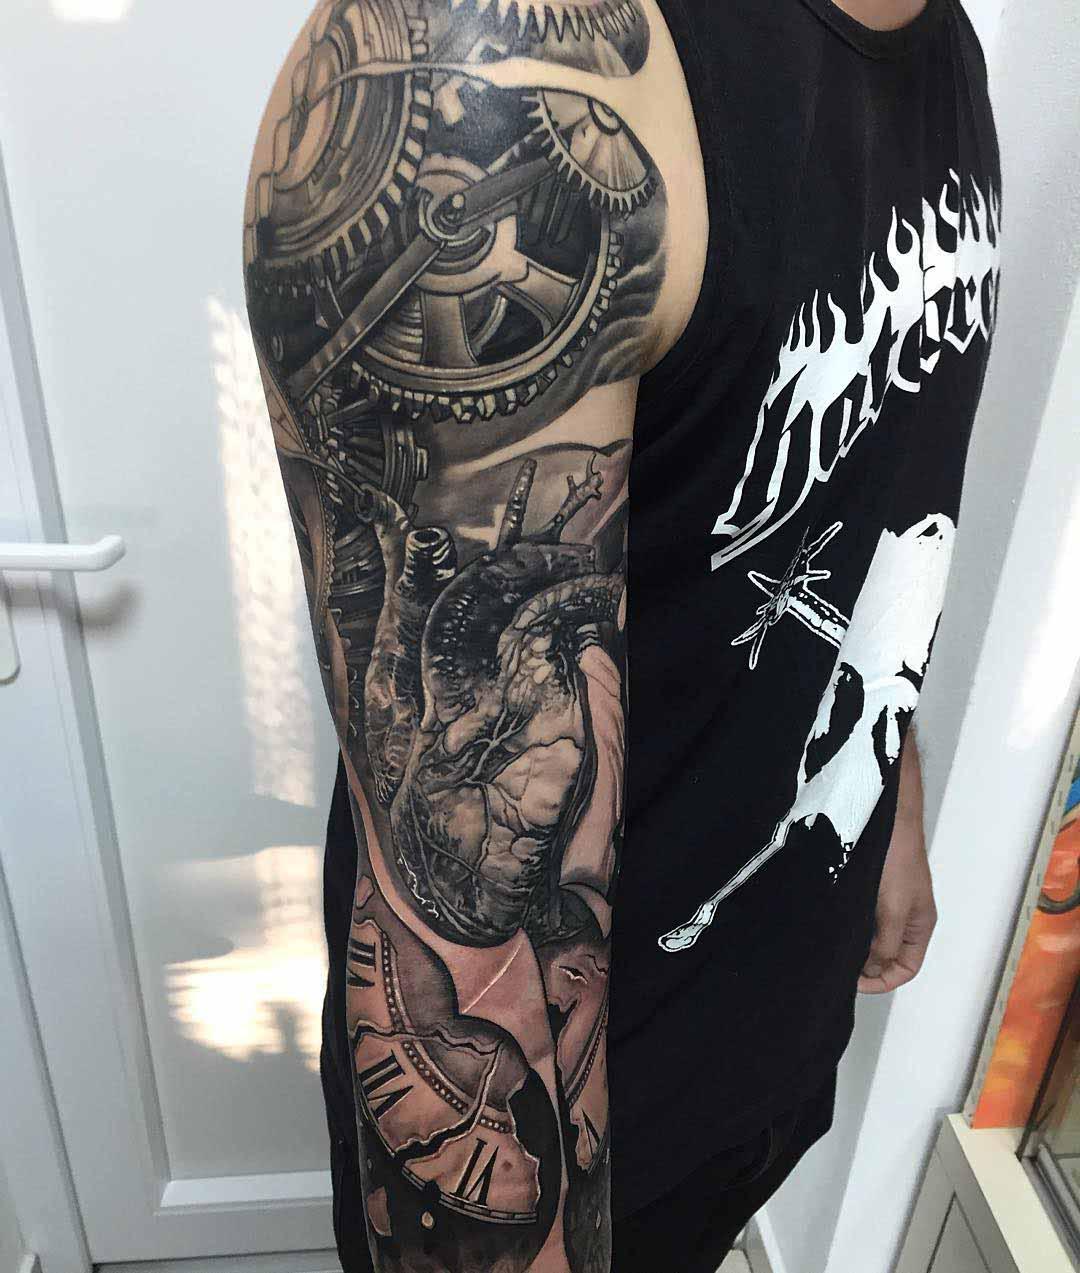 Tattoo gear tattoo sleeve mechanic tattoo mechanical tattoo gears - Superb Grey Mechanical Sleeve Tattoo For Men